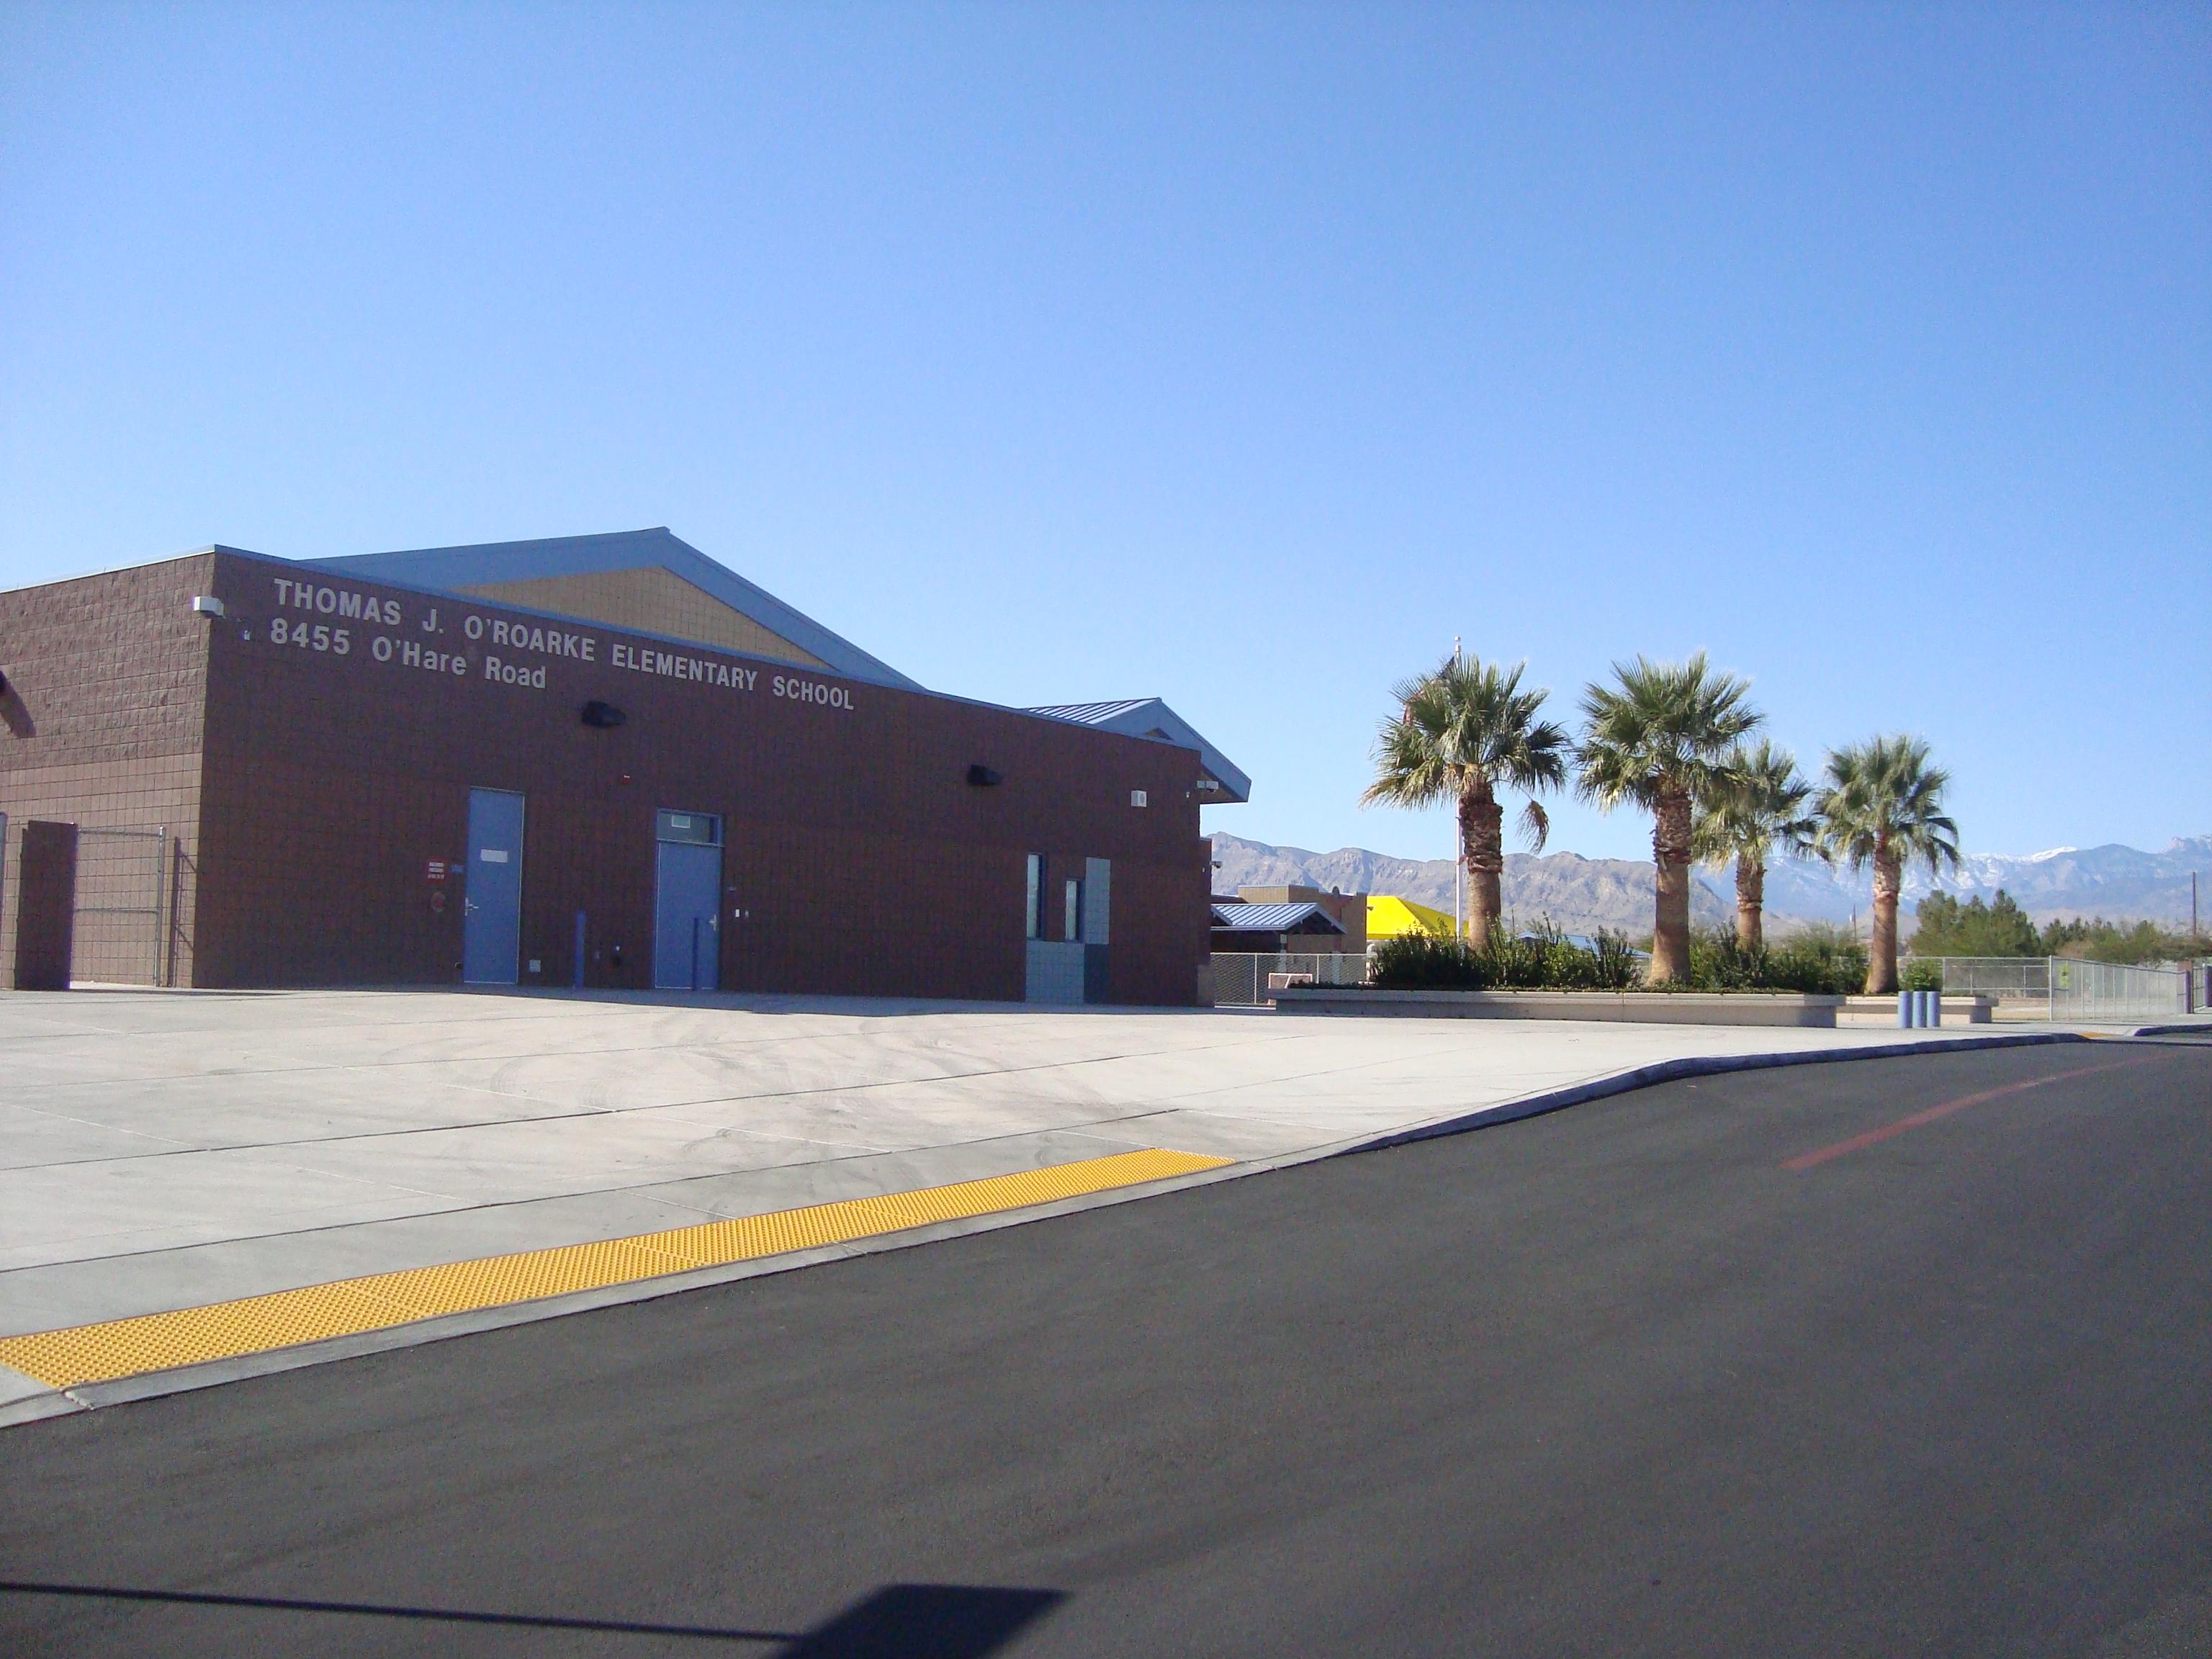 frontofschool